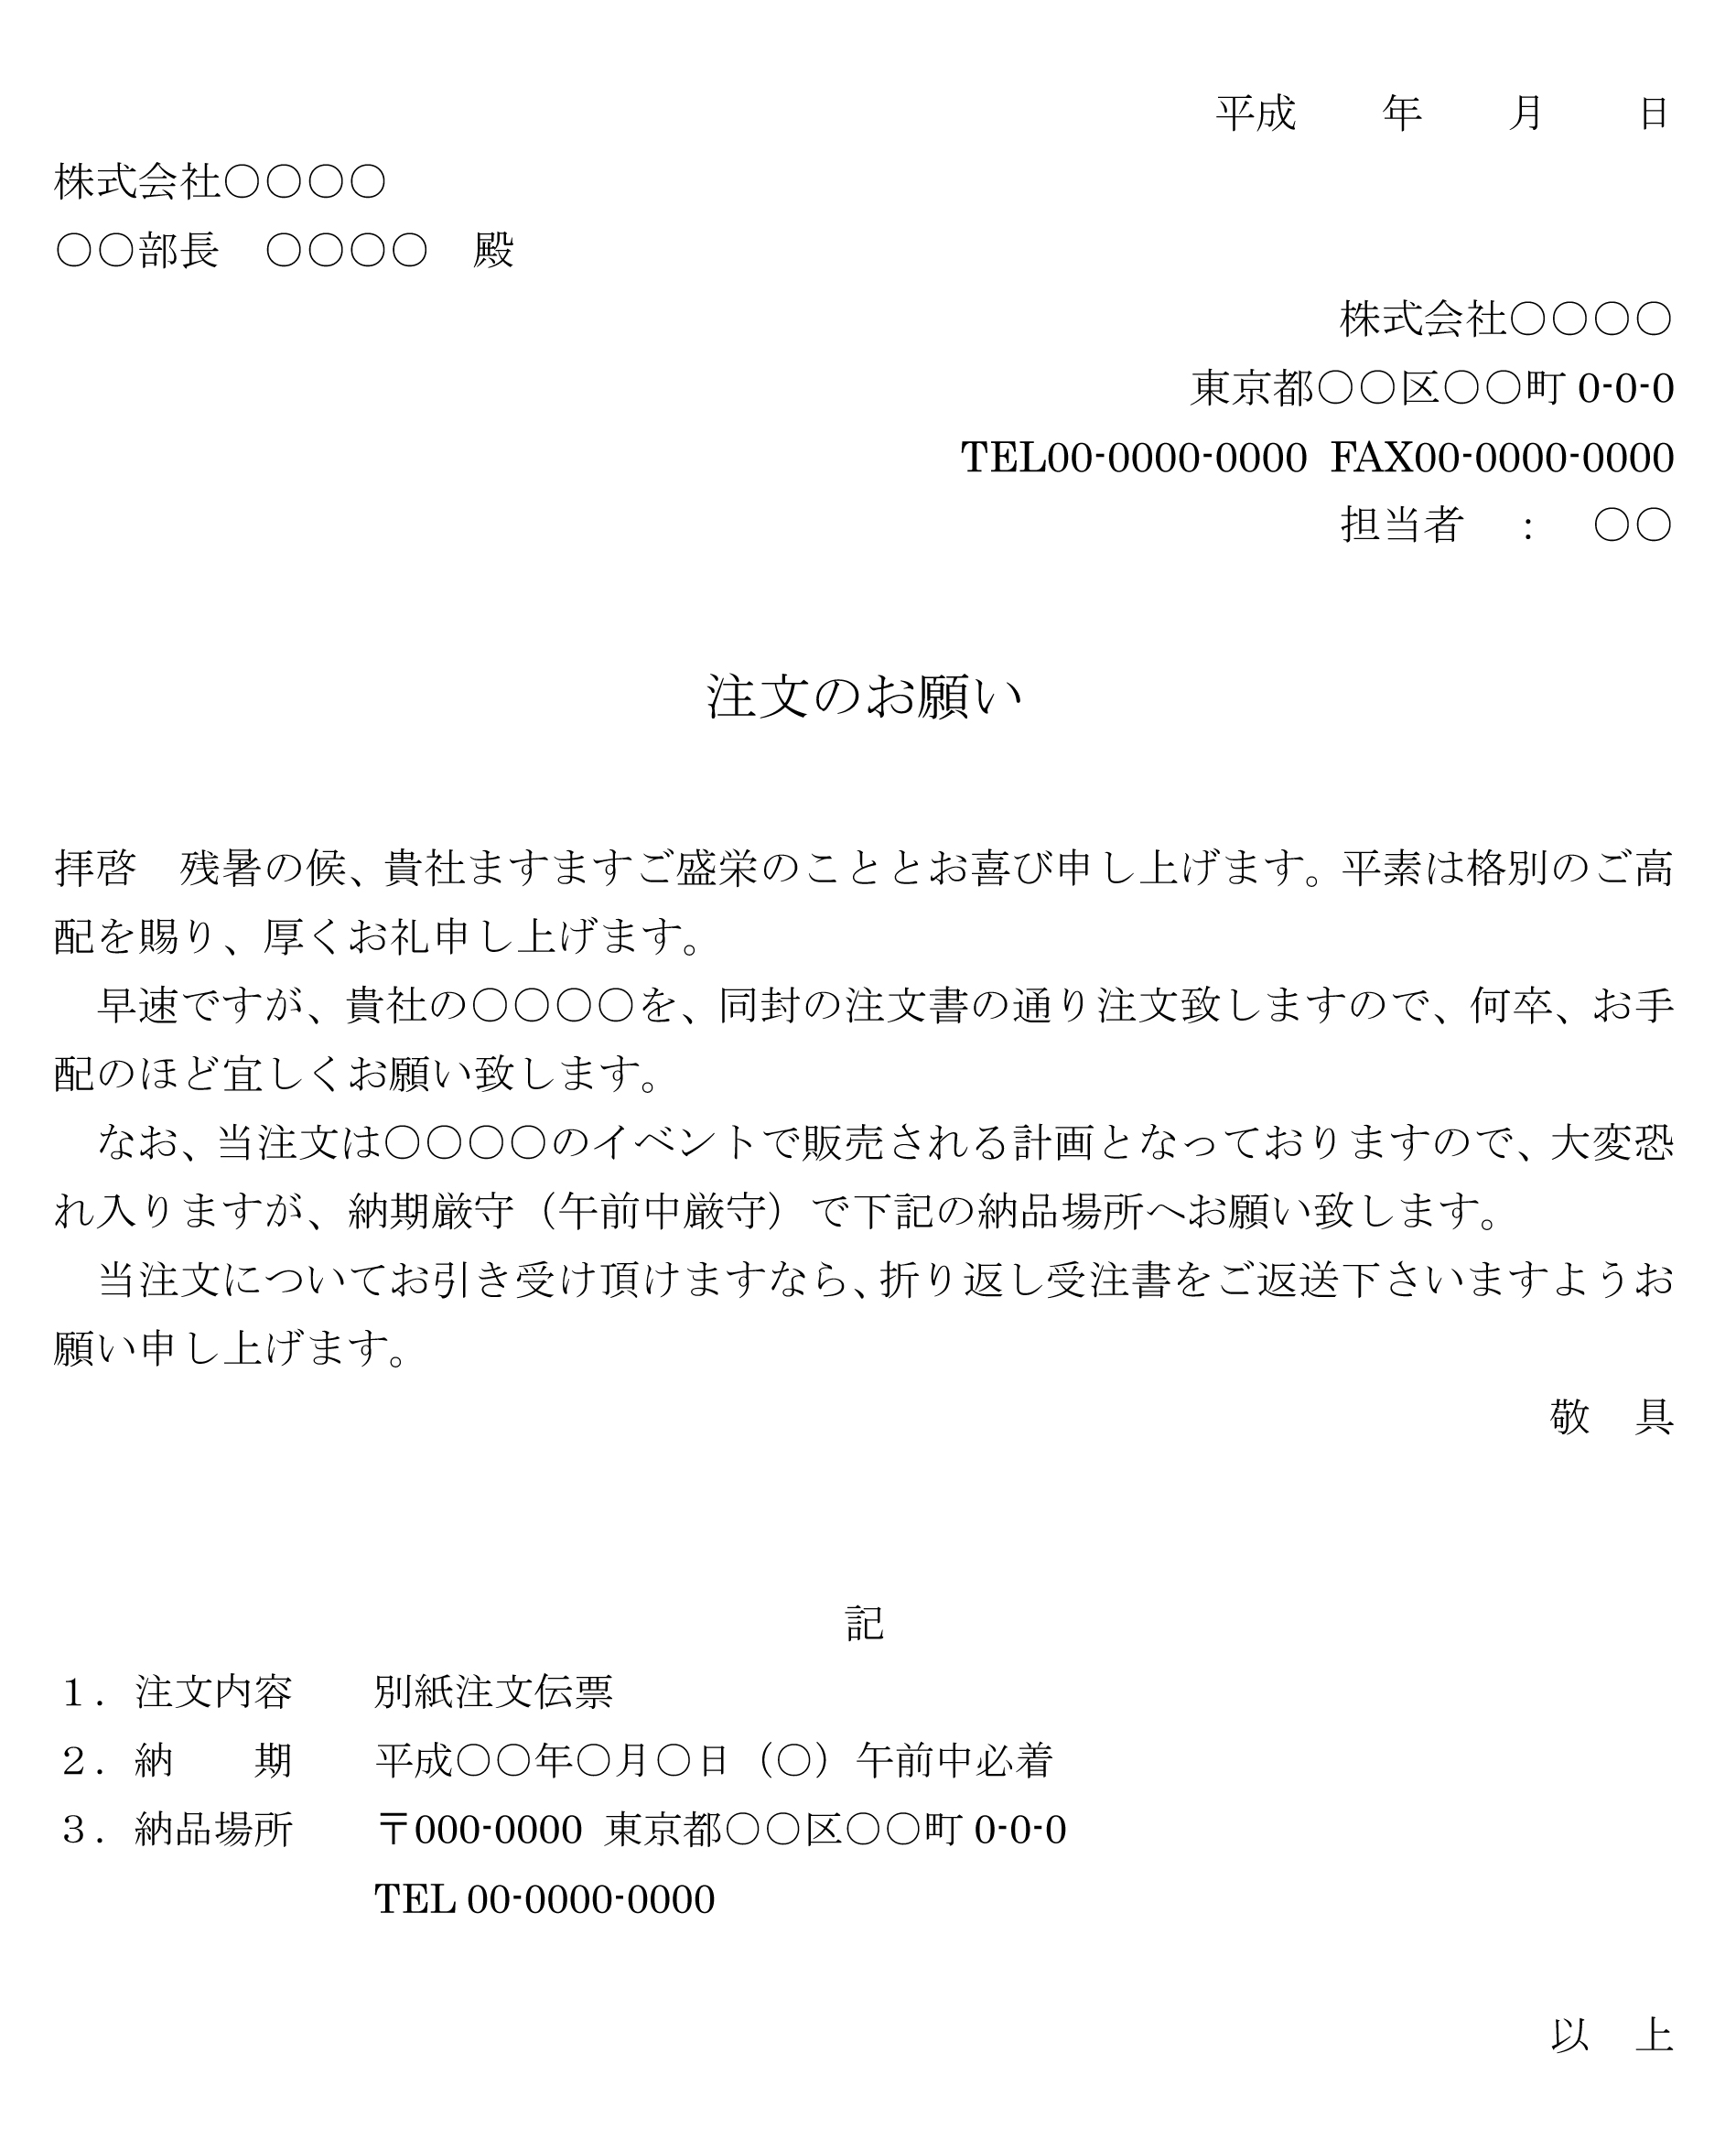 依頼状(注文)